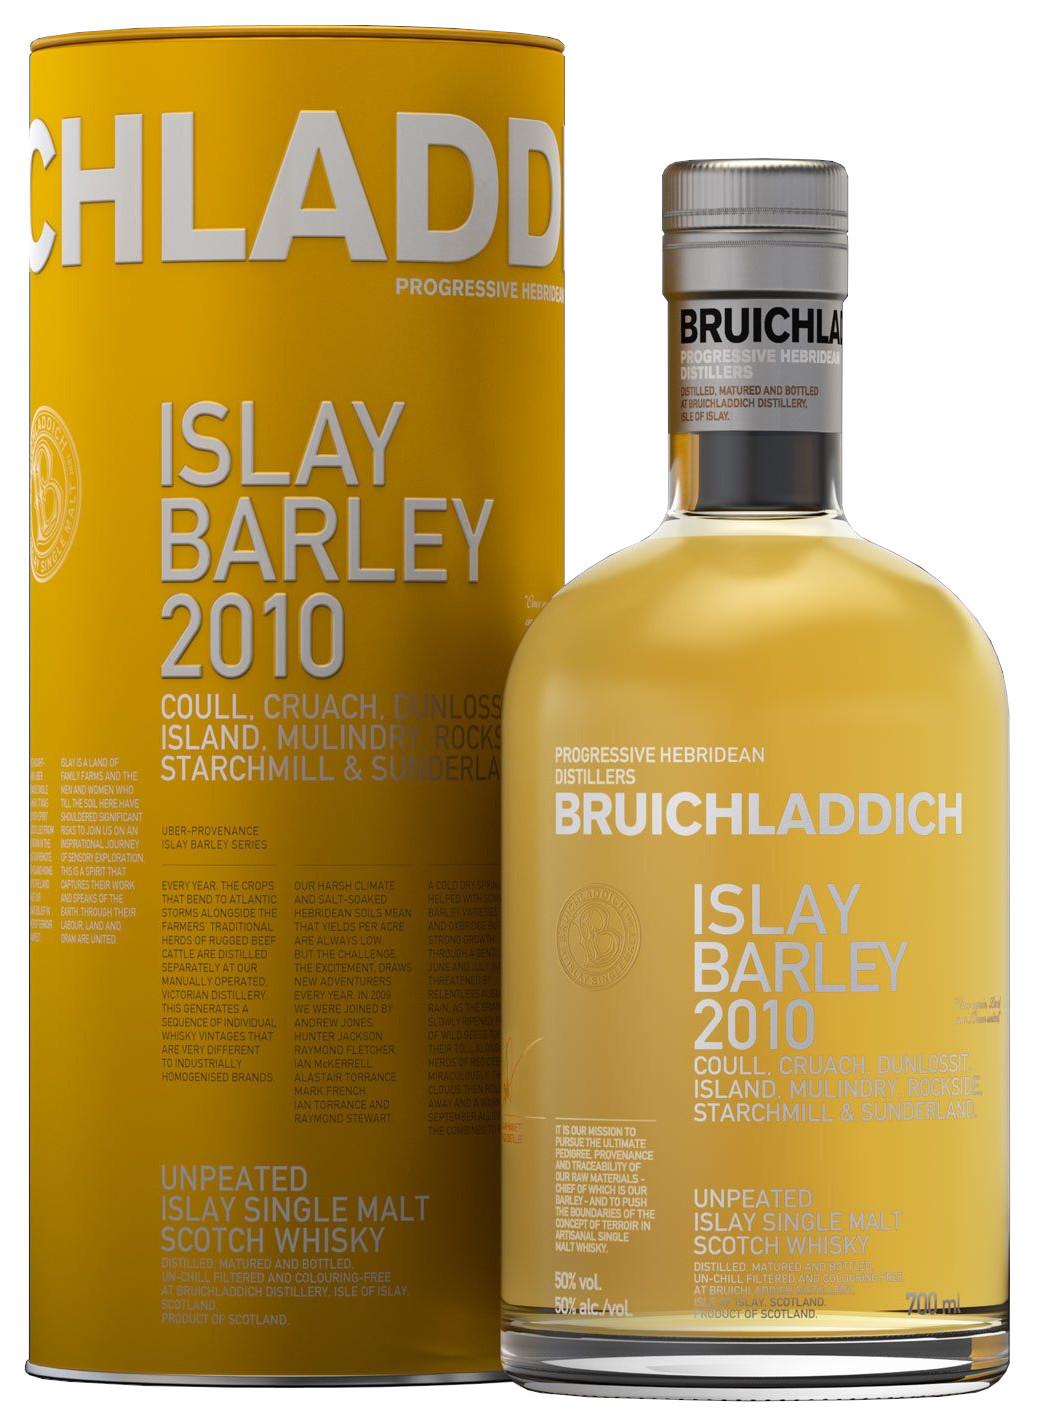 Bruichladdich, Isley Barley 2010